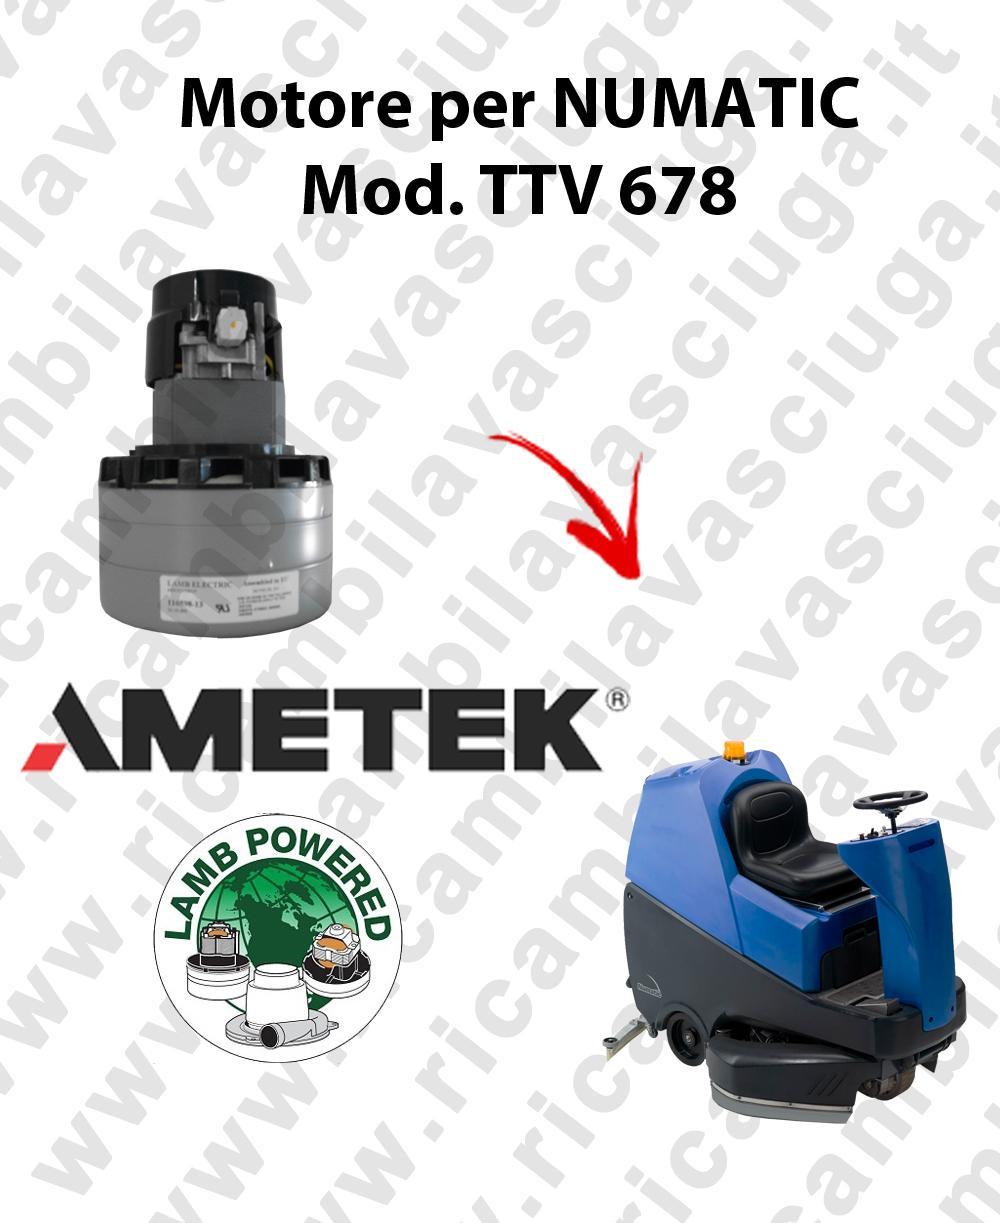 TTV 678 MOTORE aspirazione AMETEK lavapavimenti NUMATIC